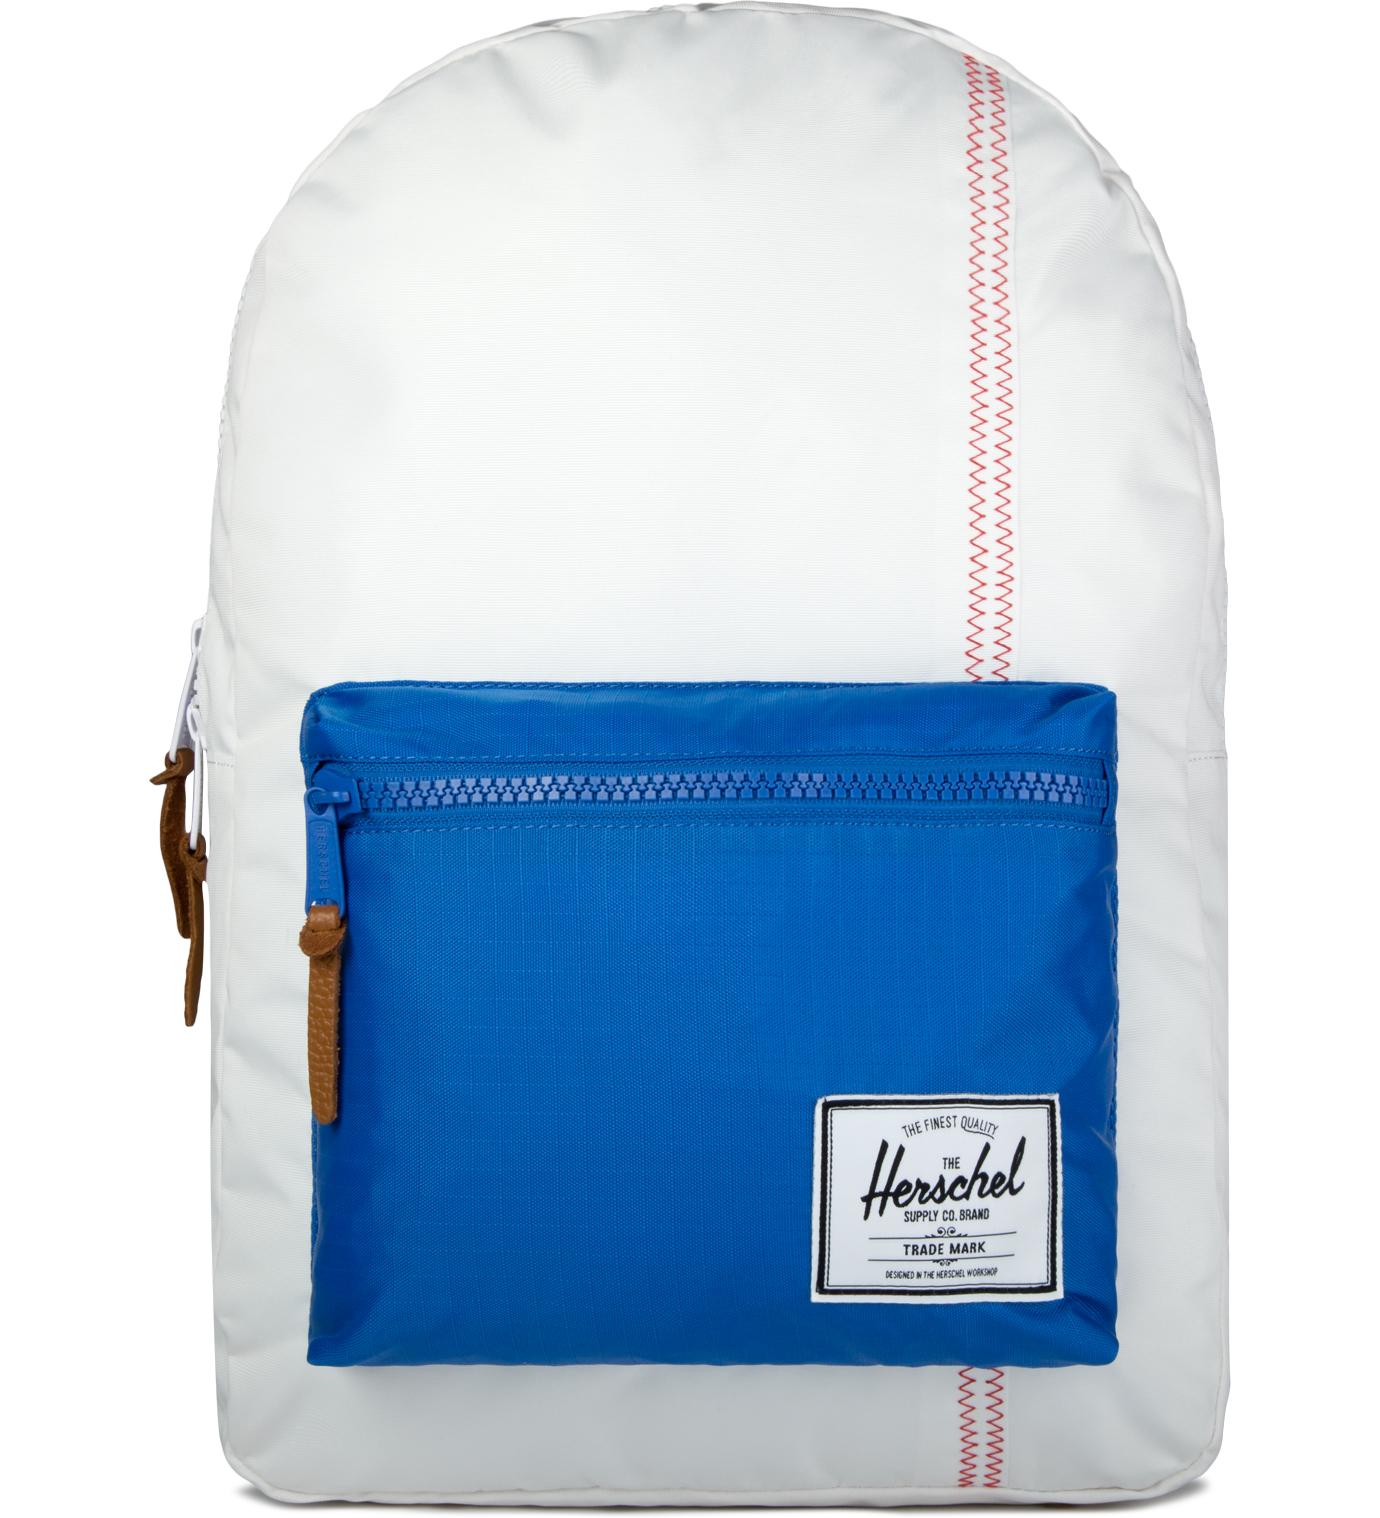 Herschel Supply Co. White/Regatta Blue/Cardinal Yellow Settlement Backpack